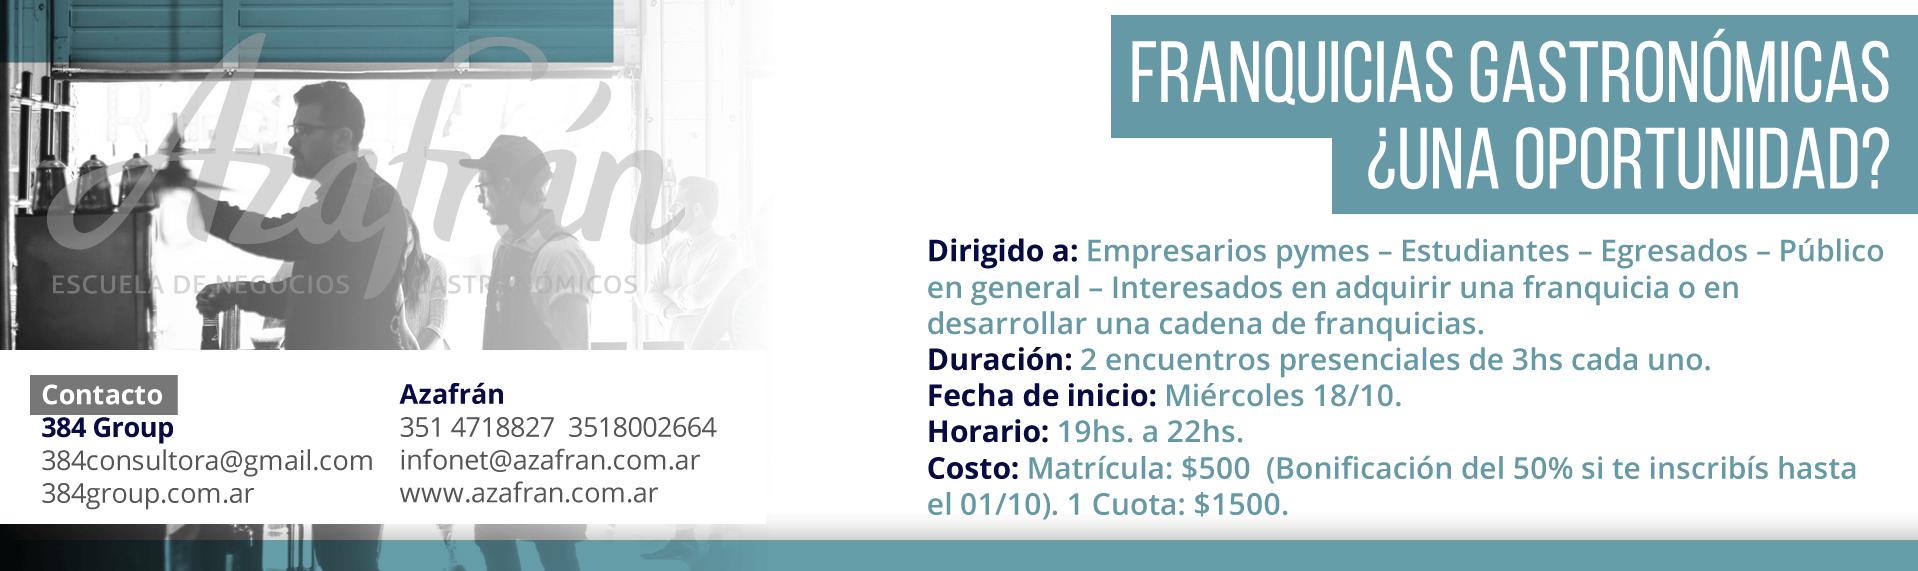 franquicias.fw